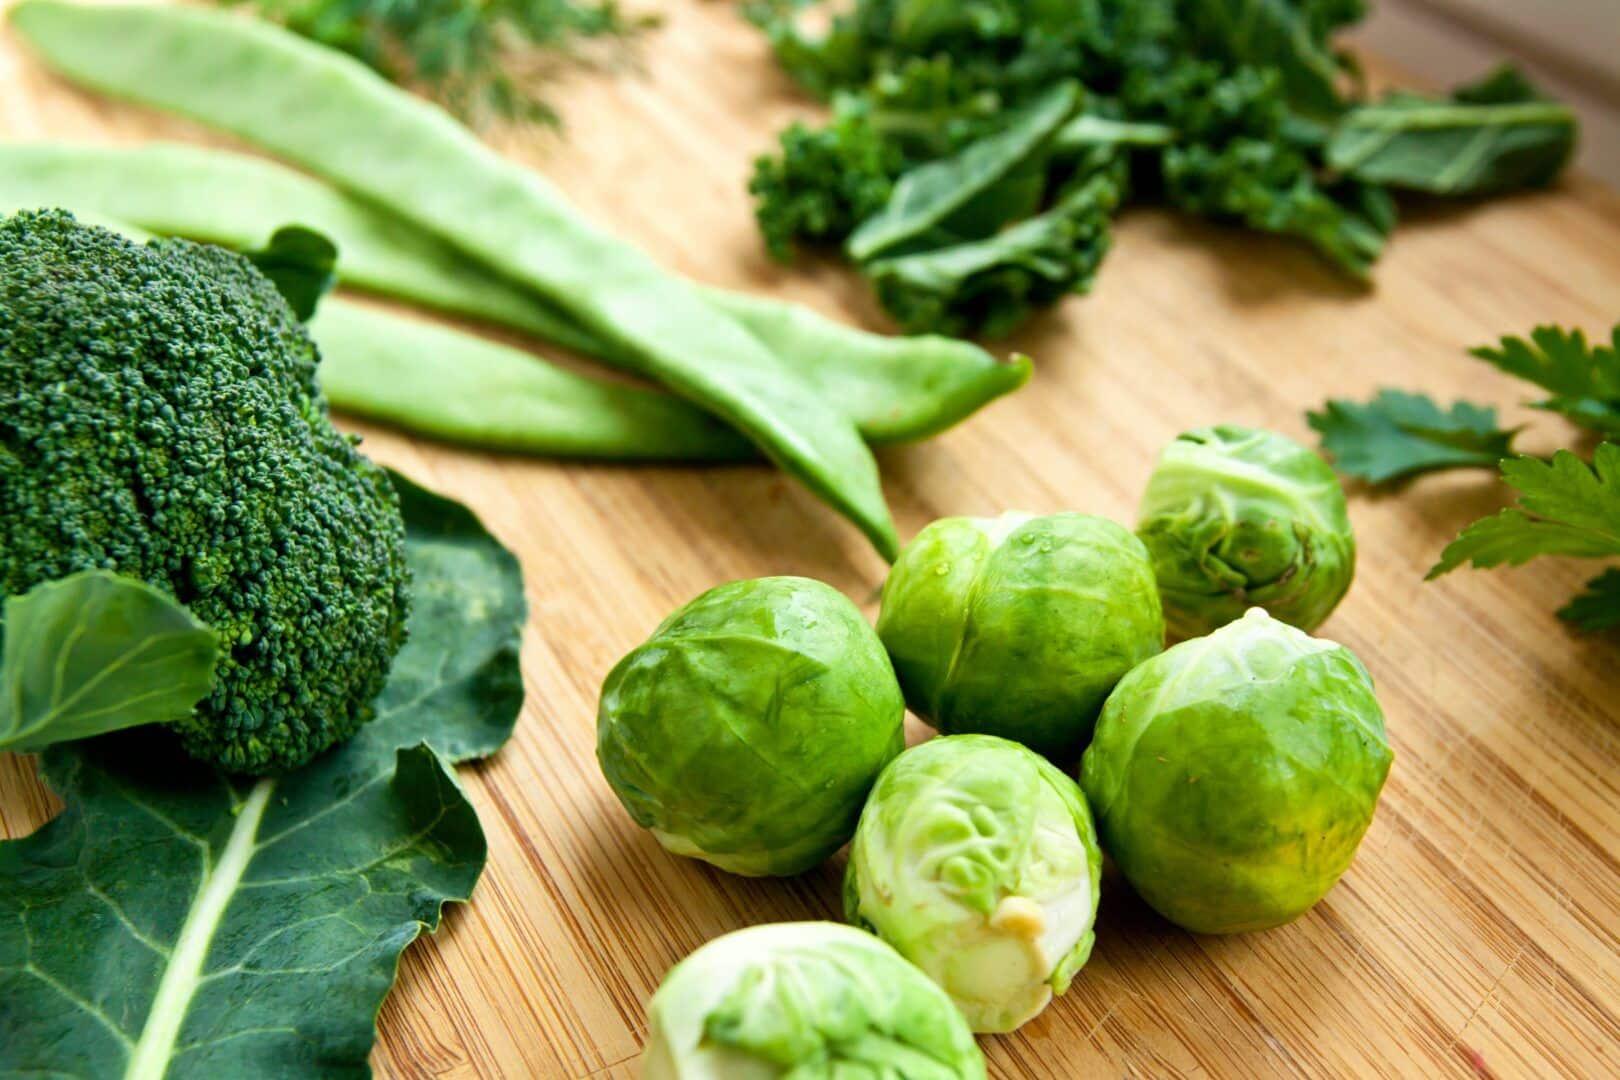 Cores dos vegetais - como uma alimentação colorida influência a saúde